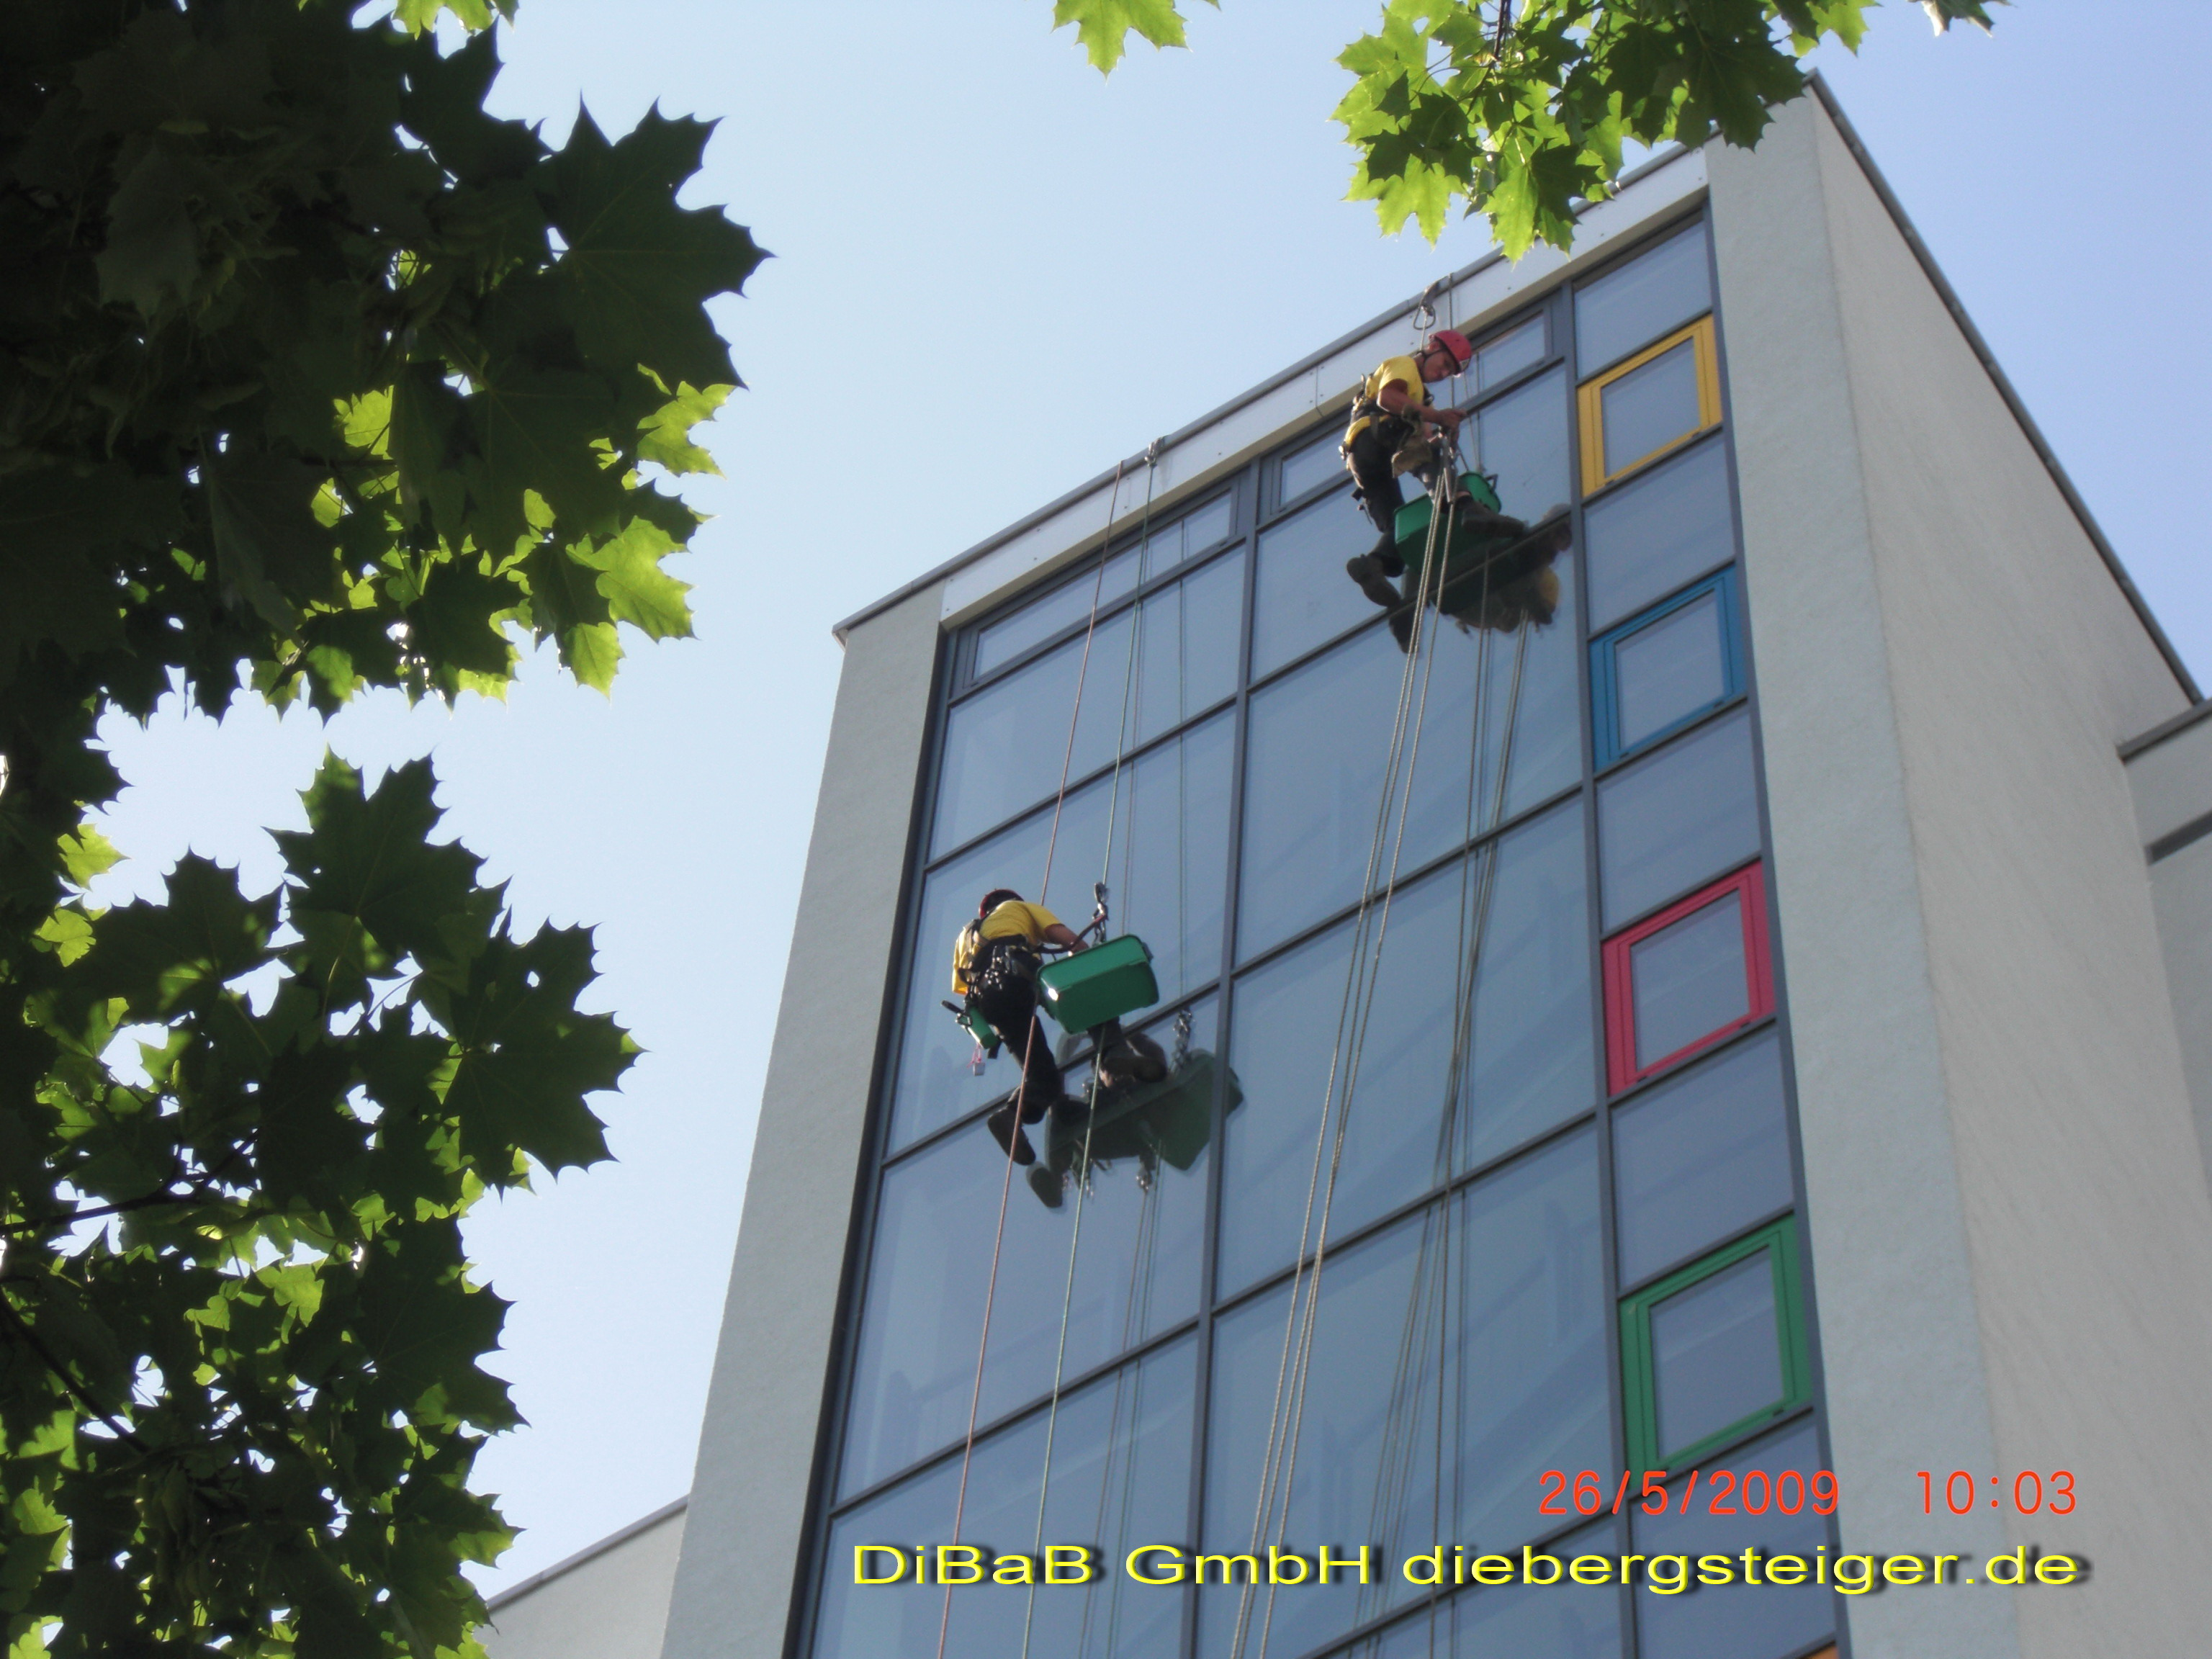 Industriekletterer Dresden I DiBaB